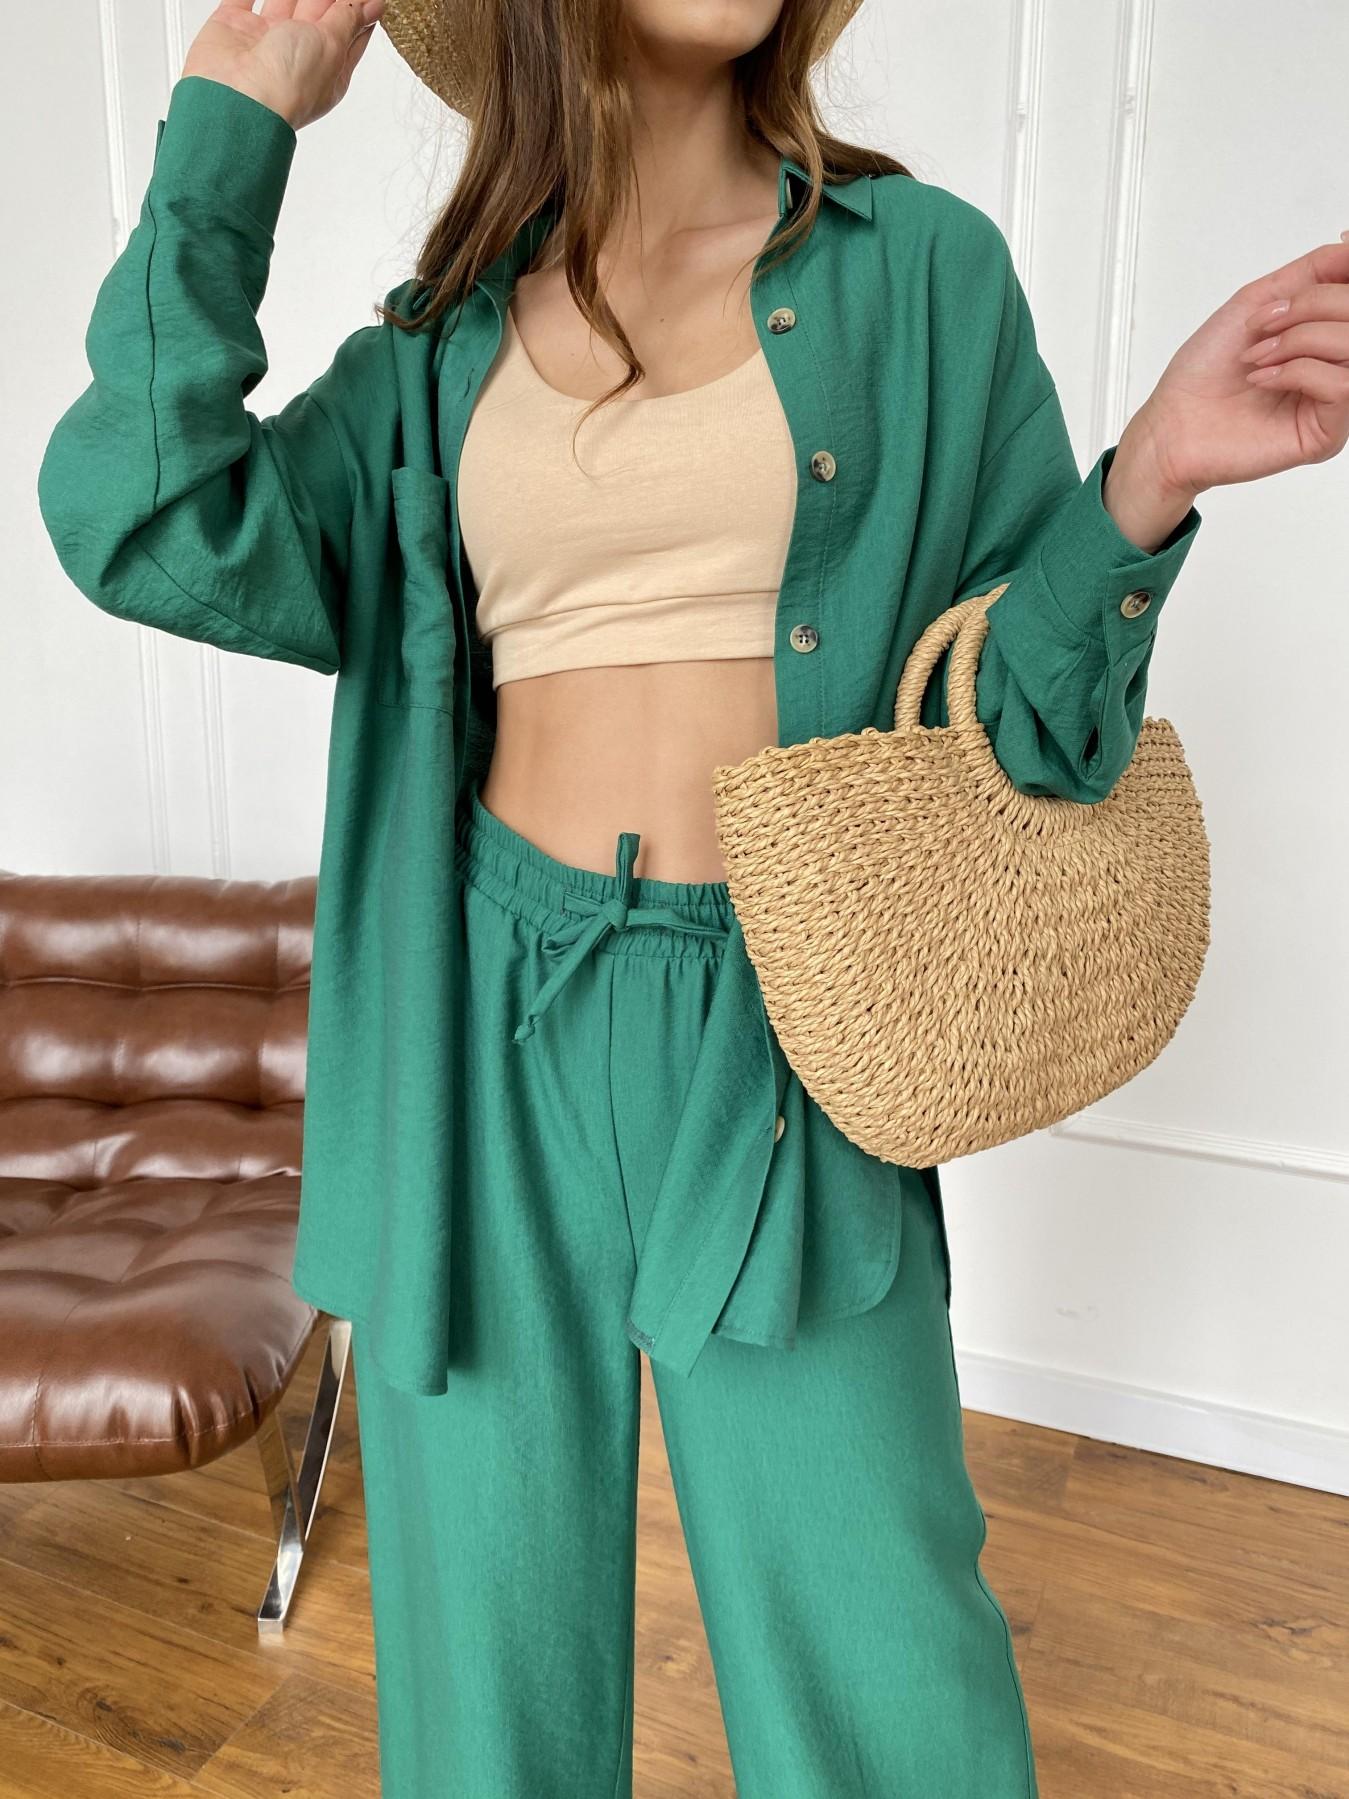 Дуэтто костюм из льна жатка не стрейч 11413 АРТ. 47961 Цвет: Зеленый - фото 6, интернет магазин tm-modus.ru